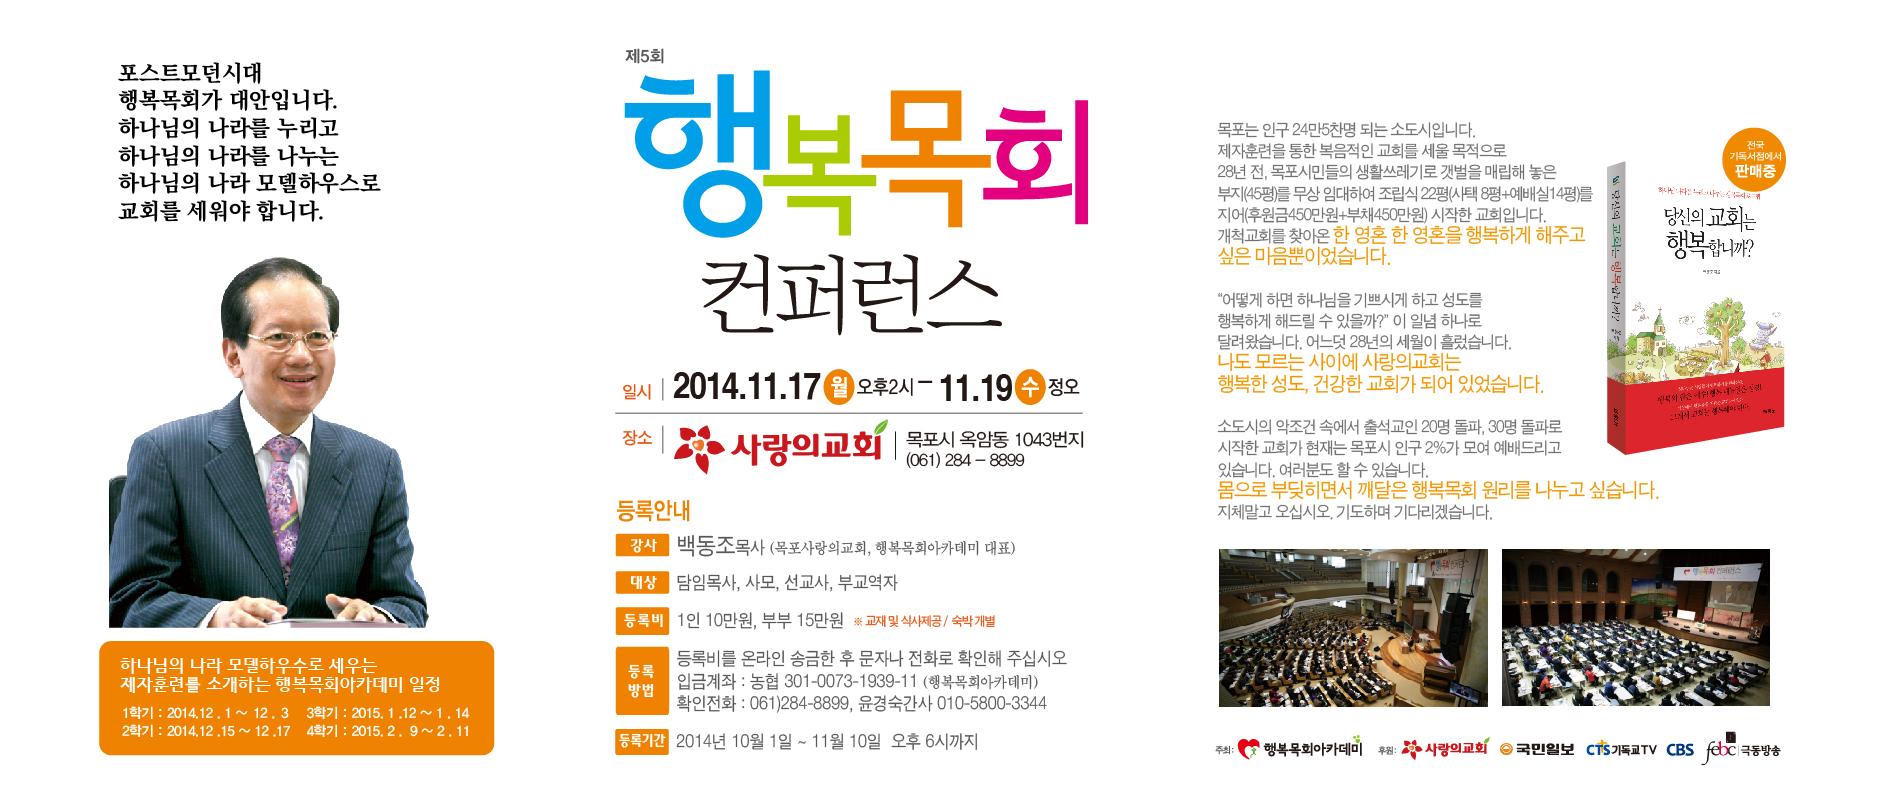 2014년 제5회 행복목회컨퍼런스 광고_시안08-01.jpg